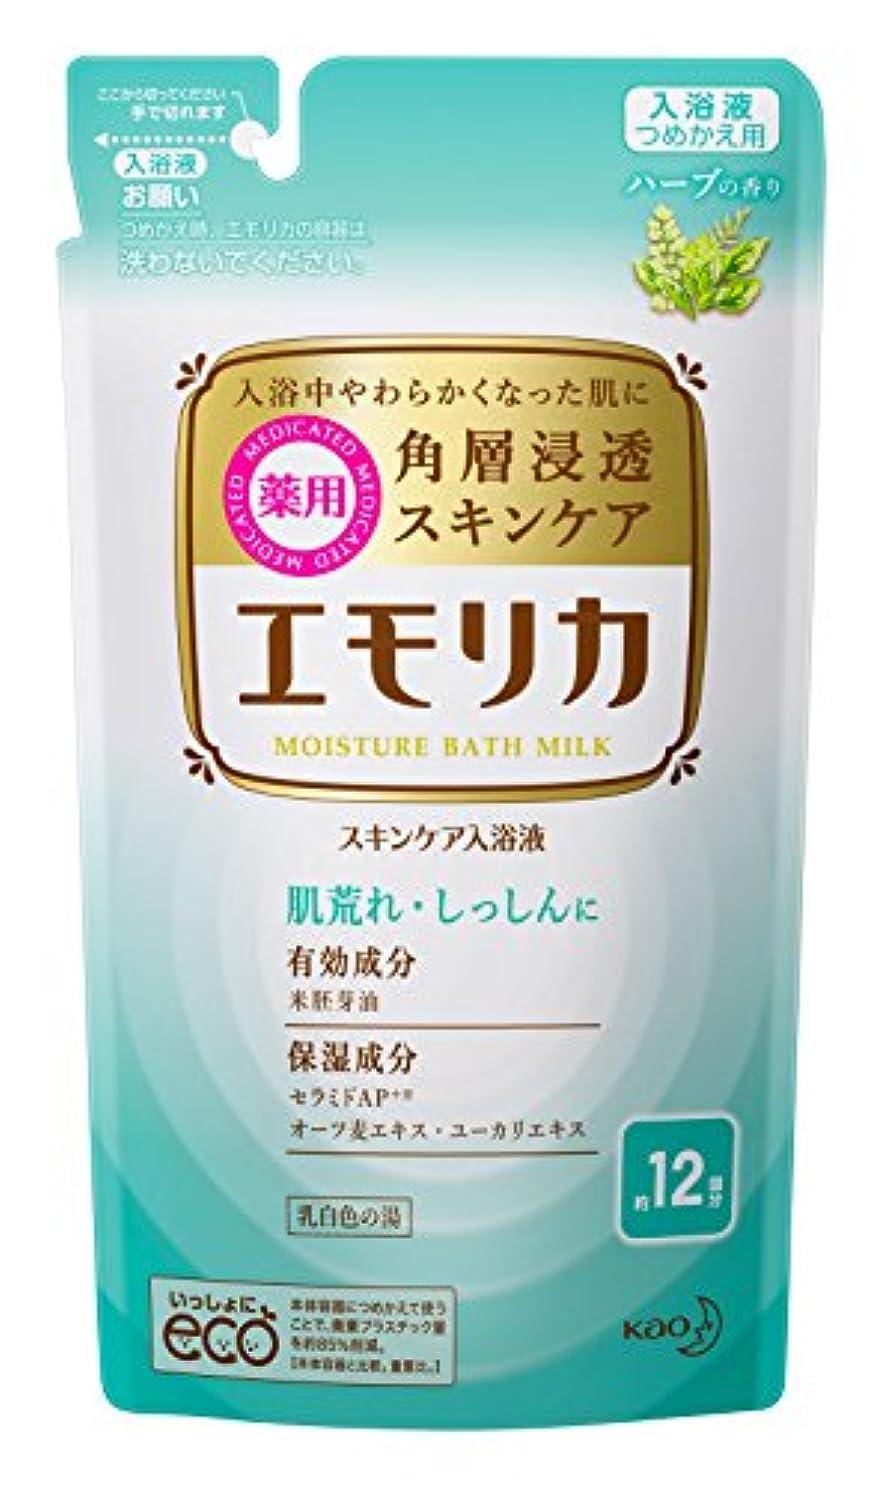 エモリカ 薬用スキンケア入浴液 ハーブの香り つめかえ用 360ml 液体 入浴剤 (赤ちゃんにも使えます)